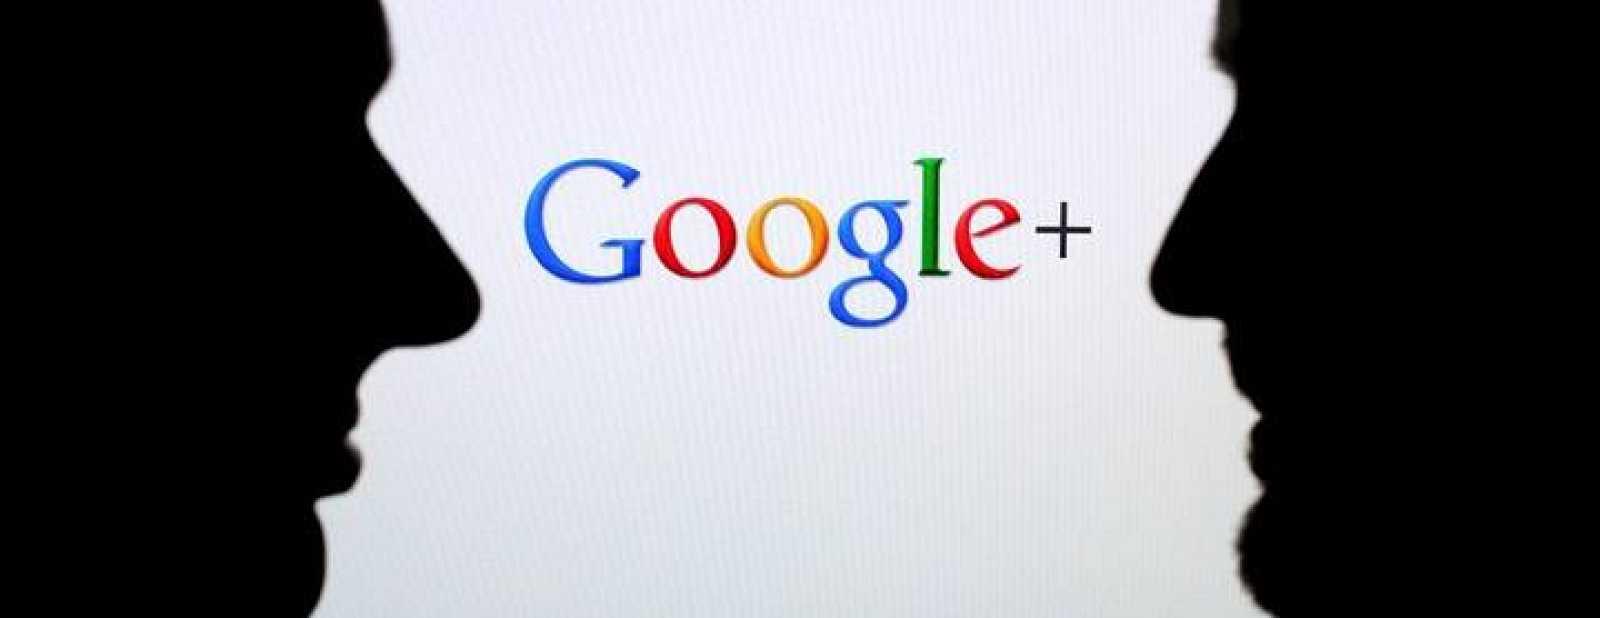 Google elimina Buzz, uno de sus fracasos sociales, para potenciar el uso de Google+